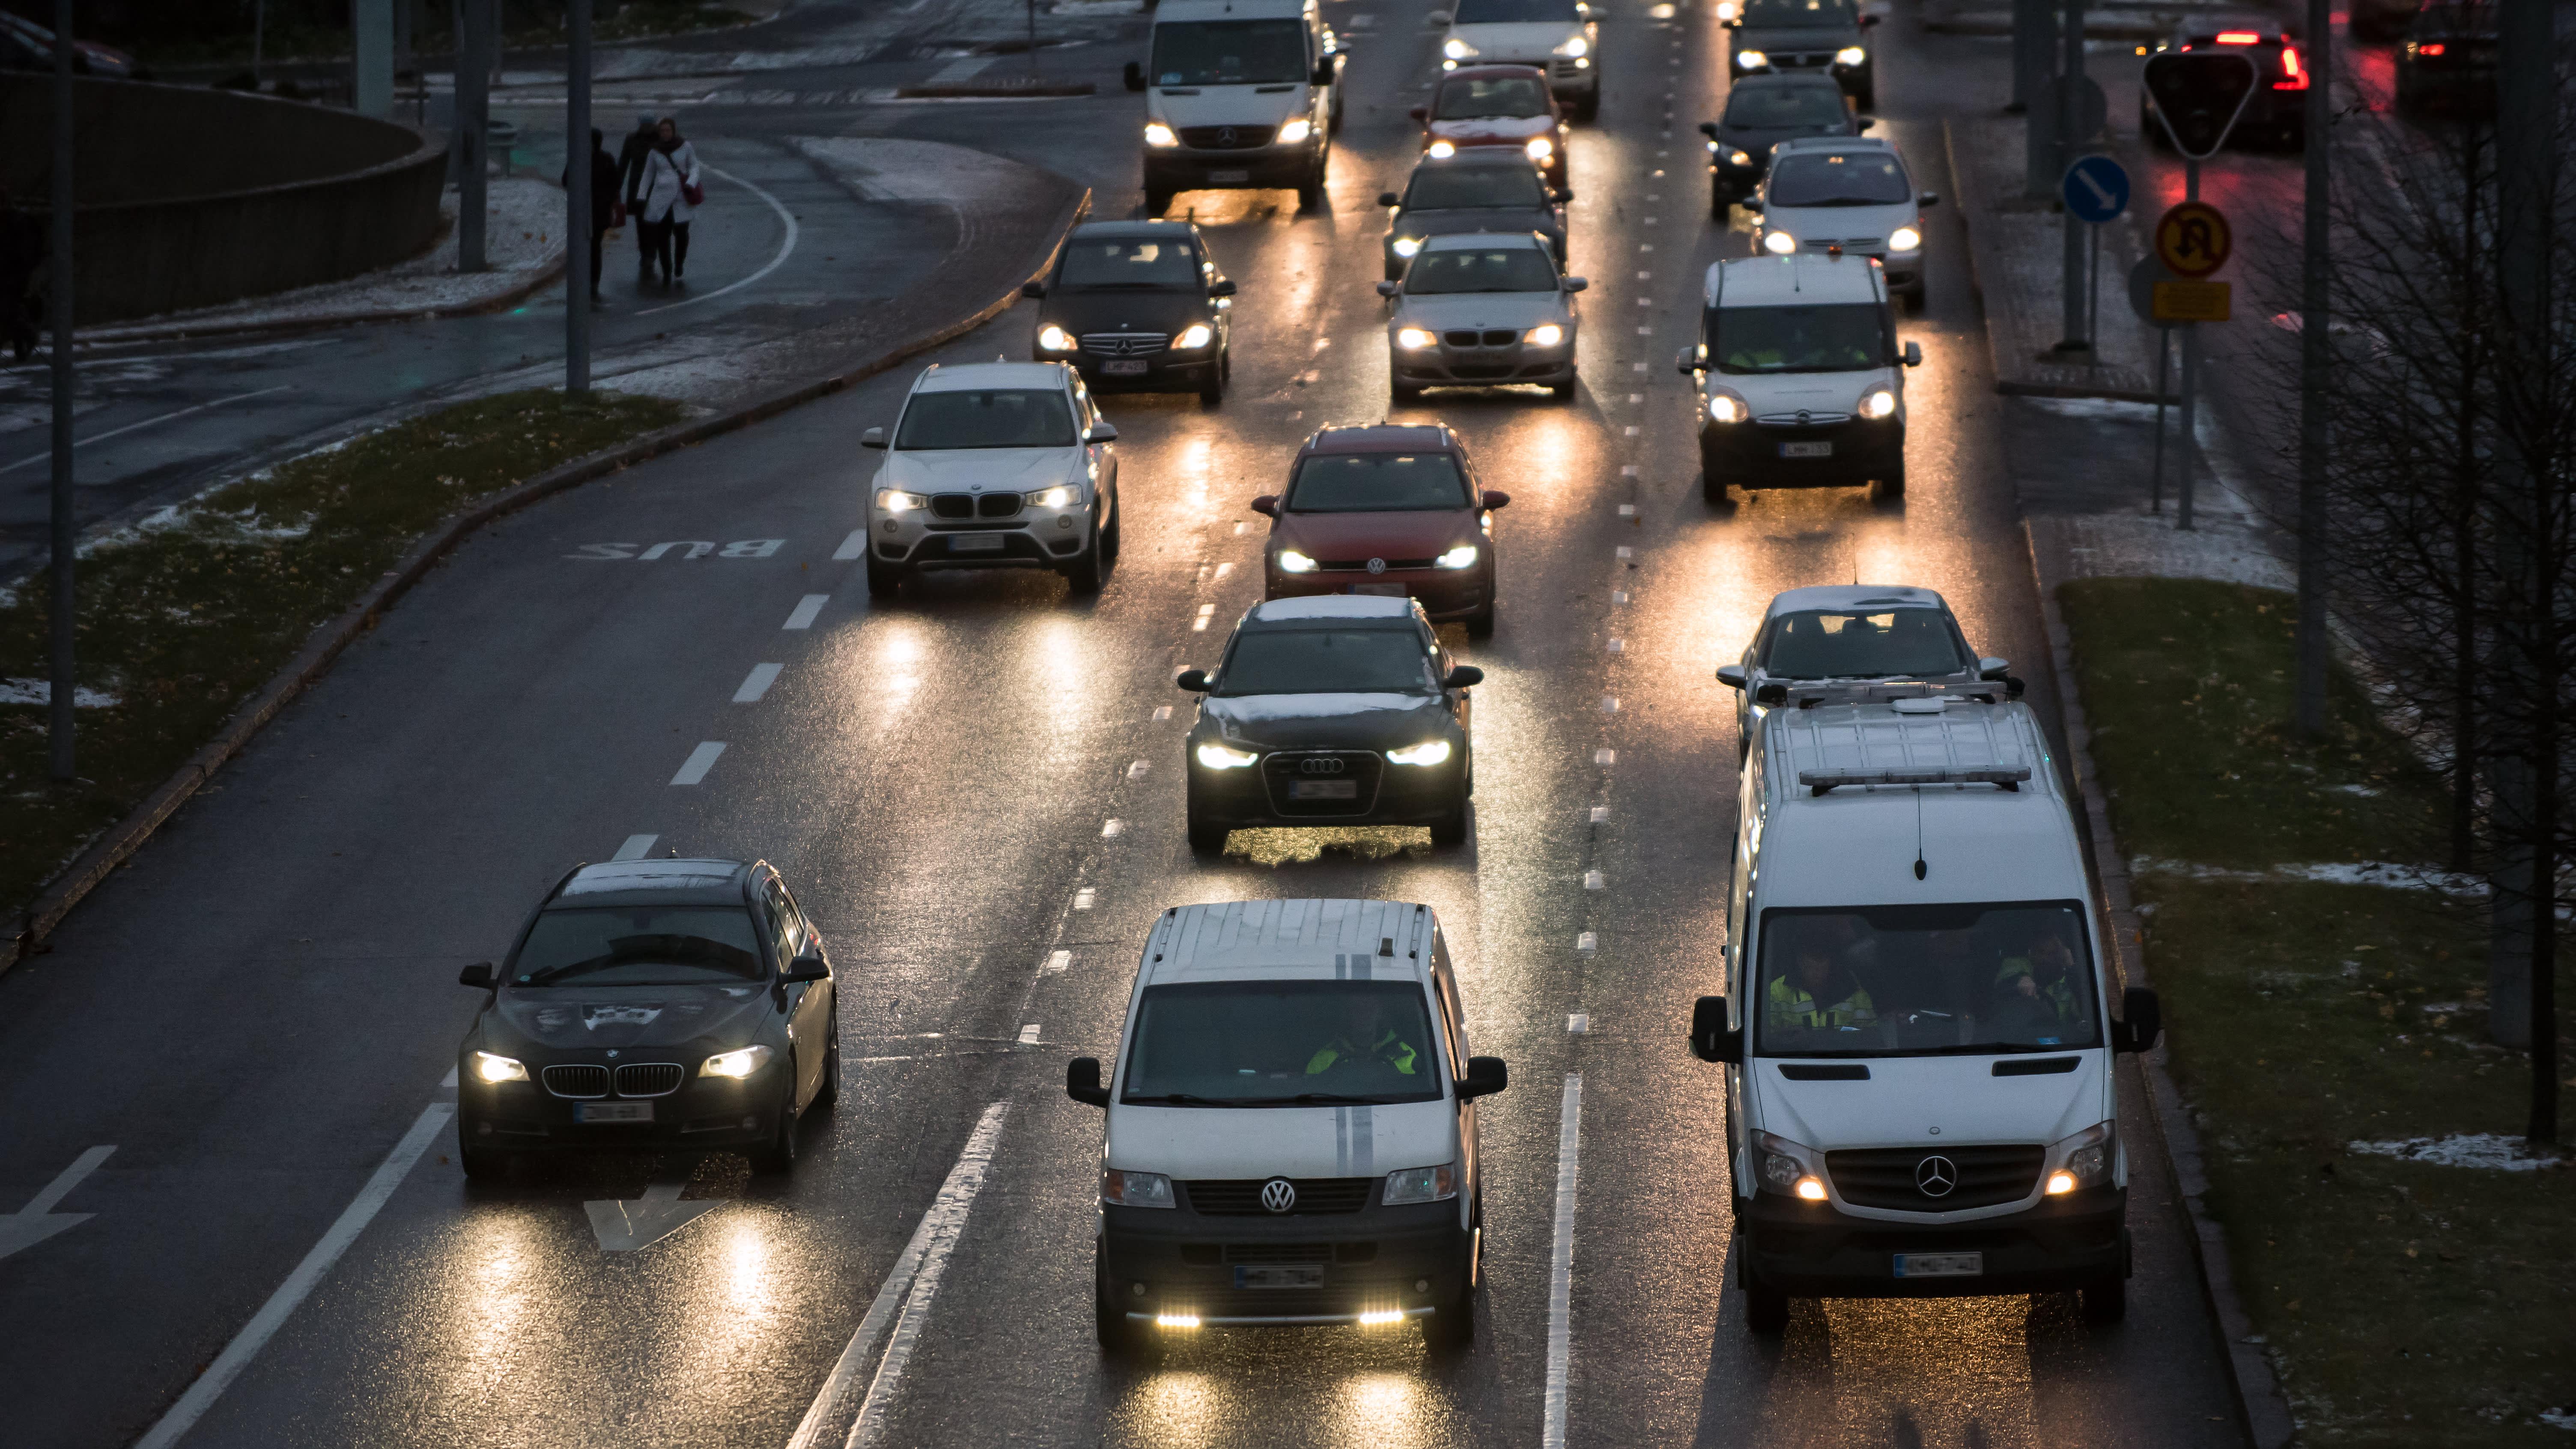 Aamuruuhka, Etelä-Haaga, Vihdintie, autojen valot, ruuhka, syksy, talvi, sade